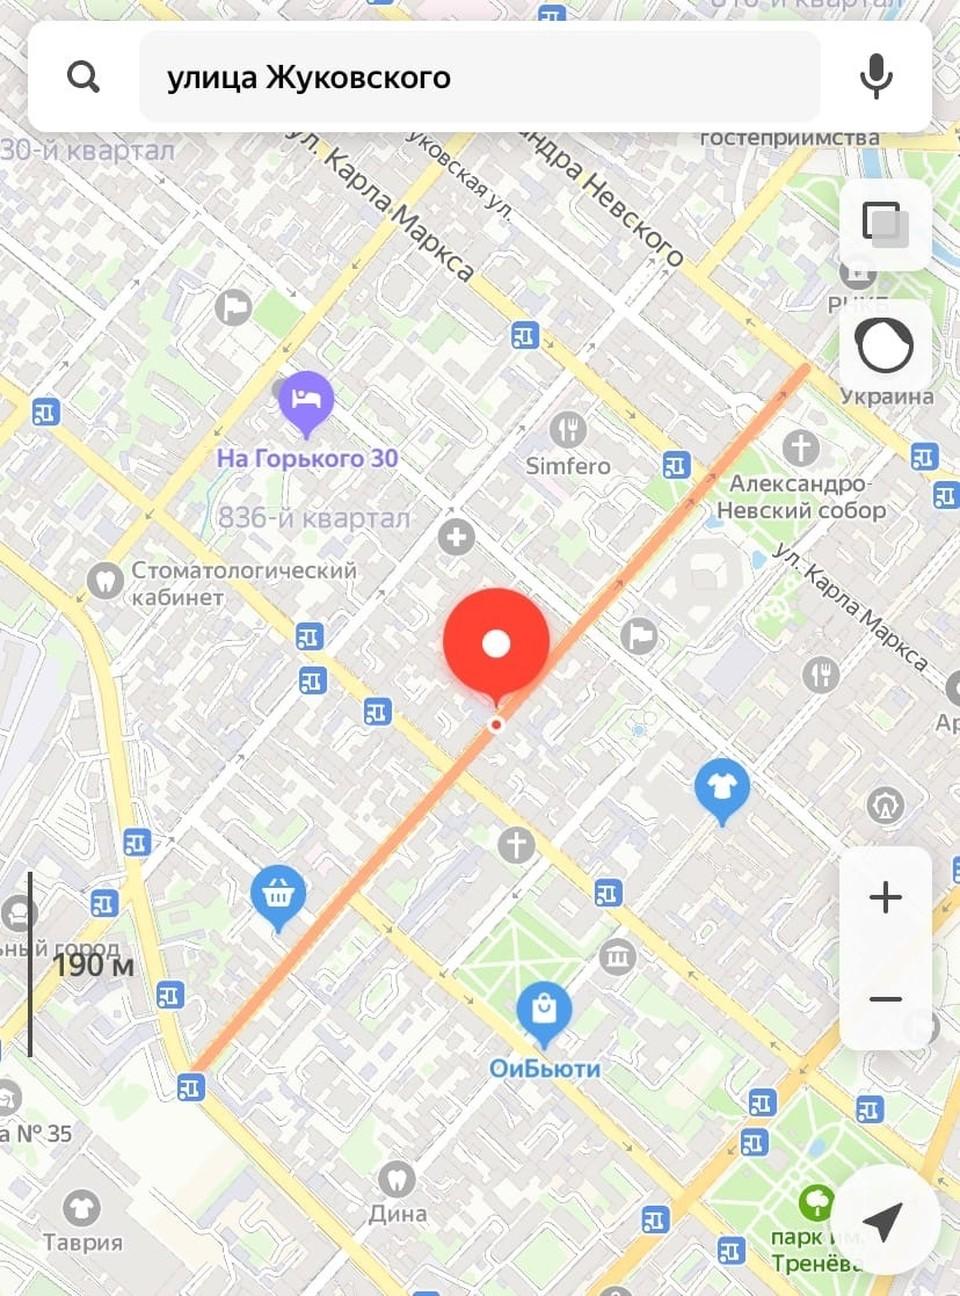 Движение транспорта по улице Жуковского закрыли с 27 марта